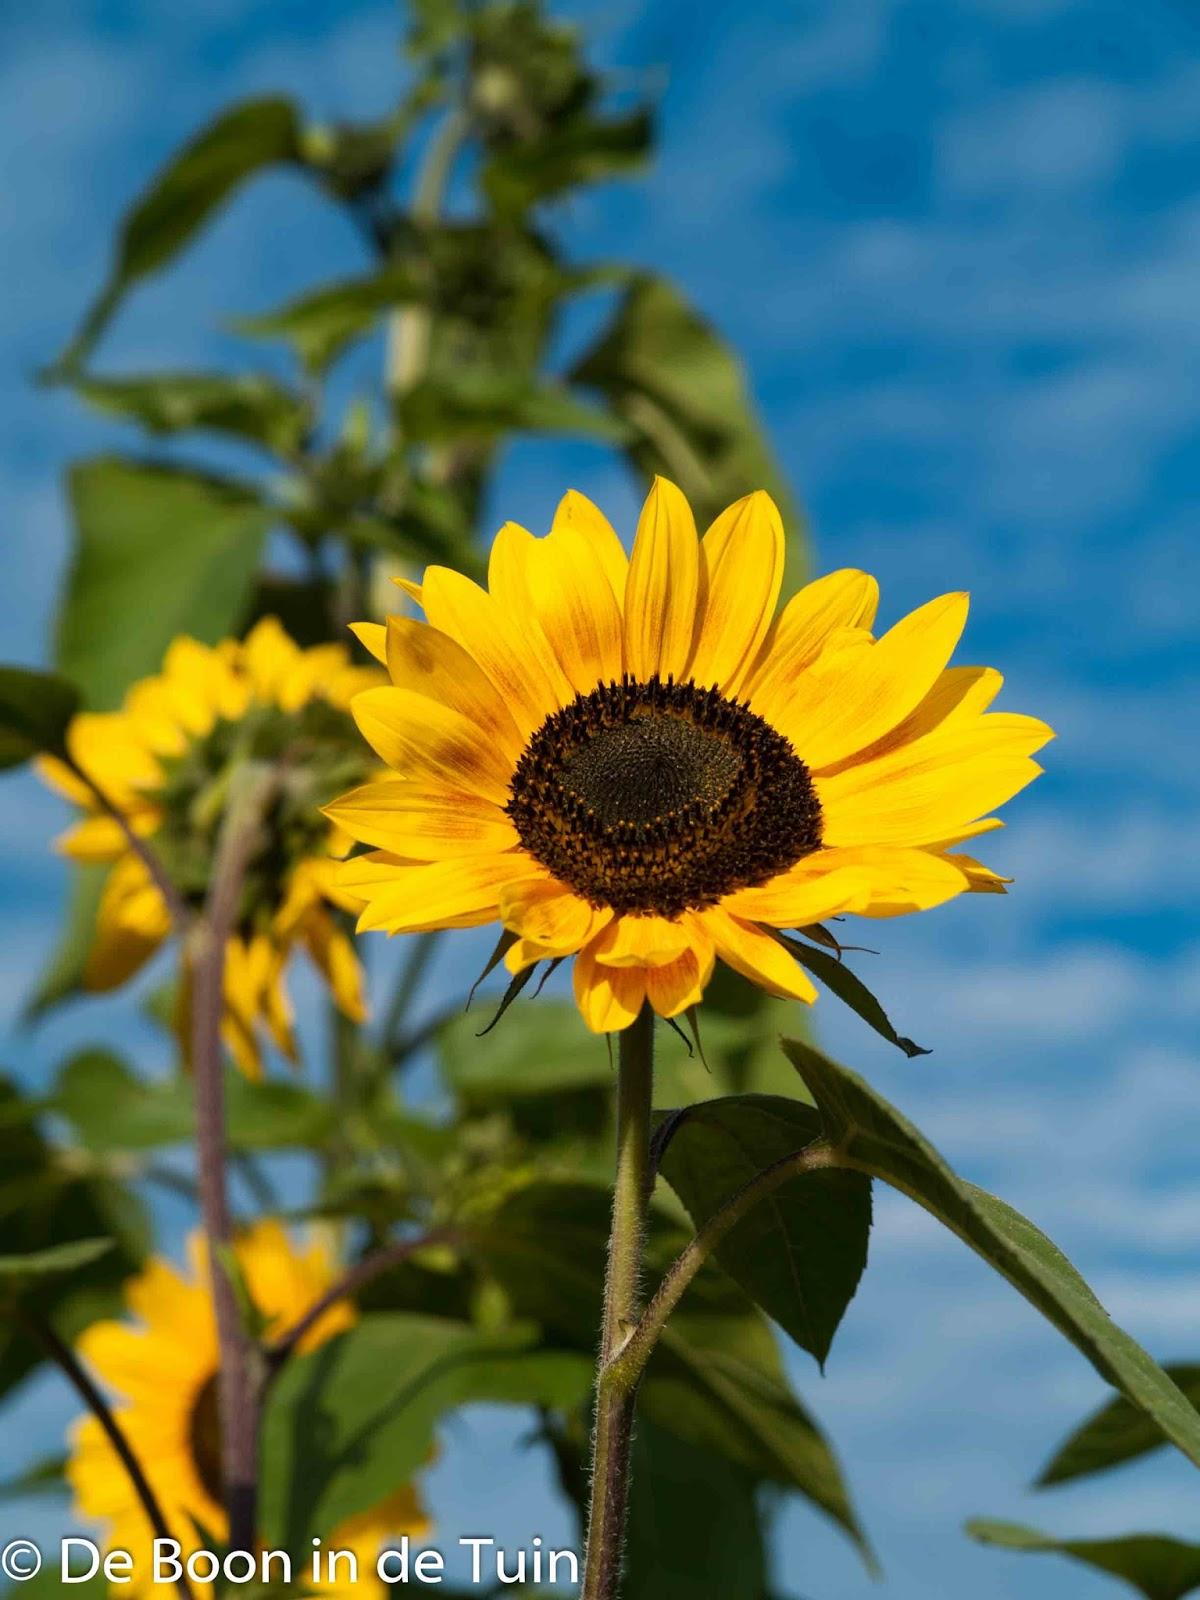 zonnebloem herfst augustus september moestuin volkstuin